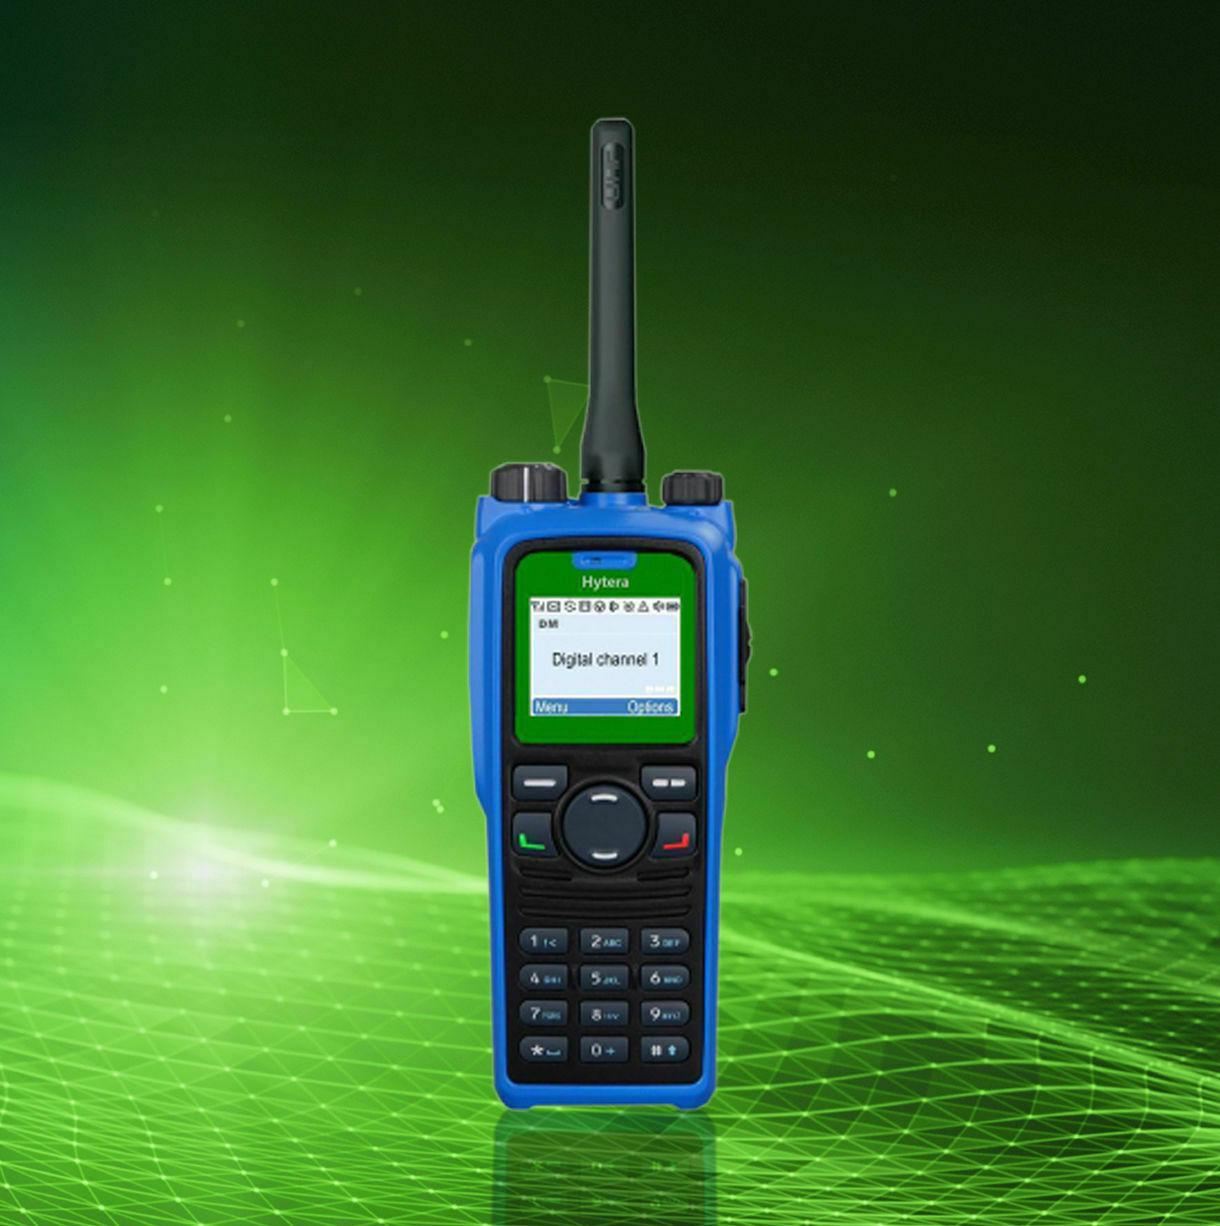 10100 hytera pd7 green 9e59e0534cf8ef1f33324ce24984d979